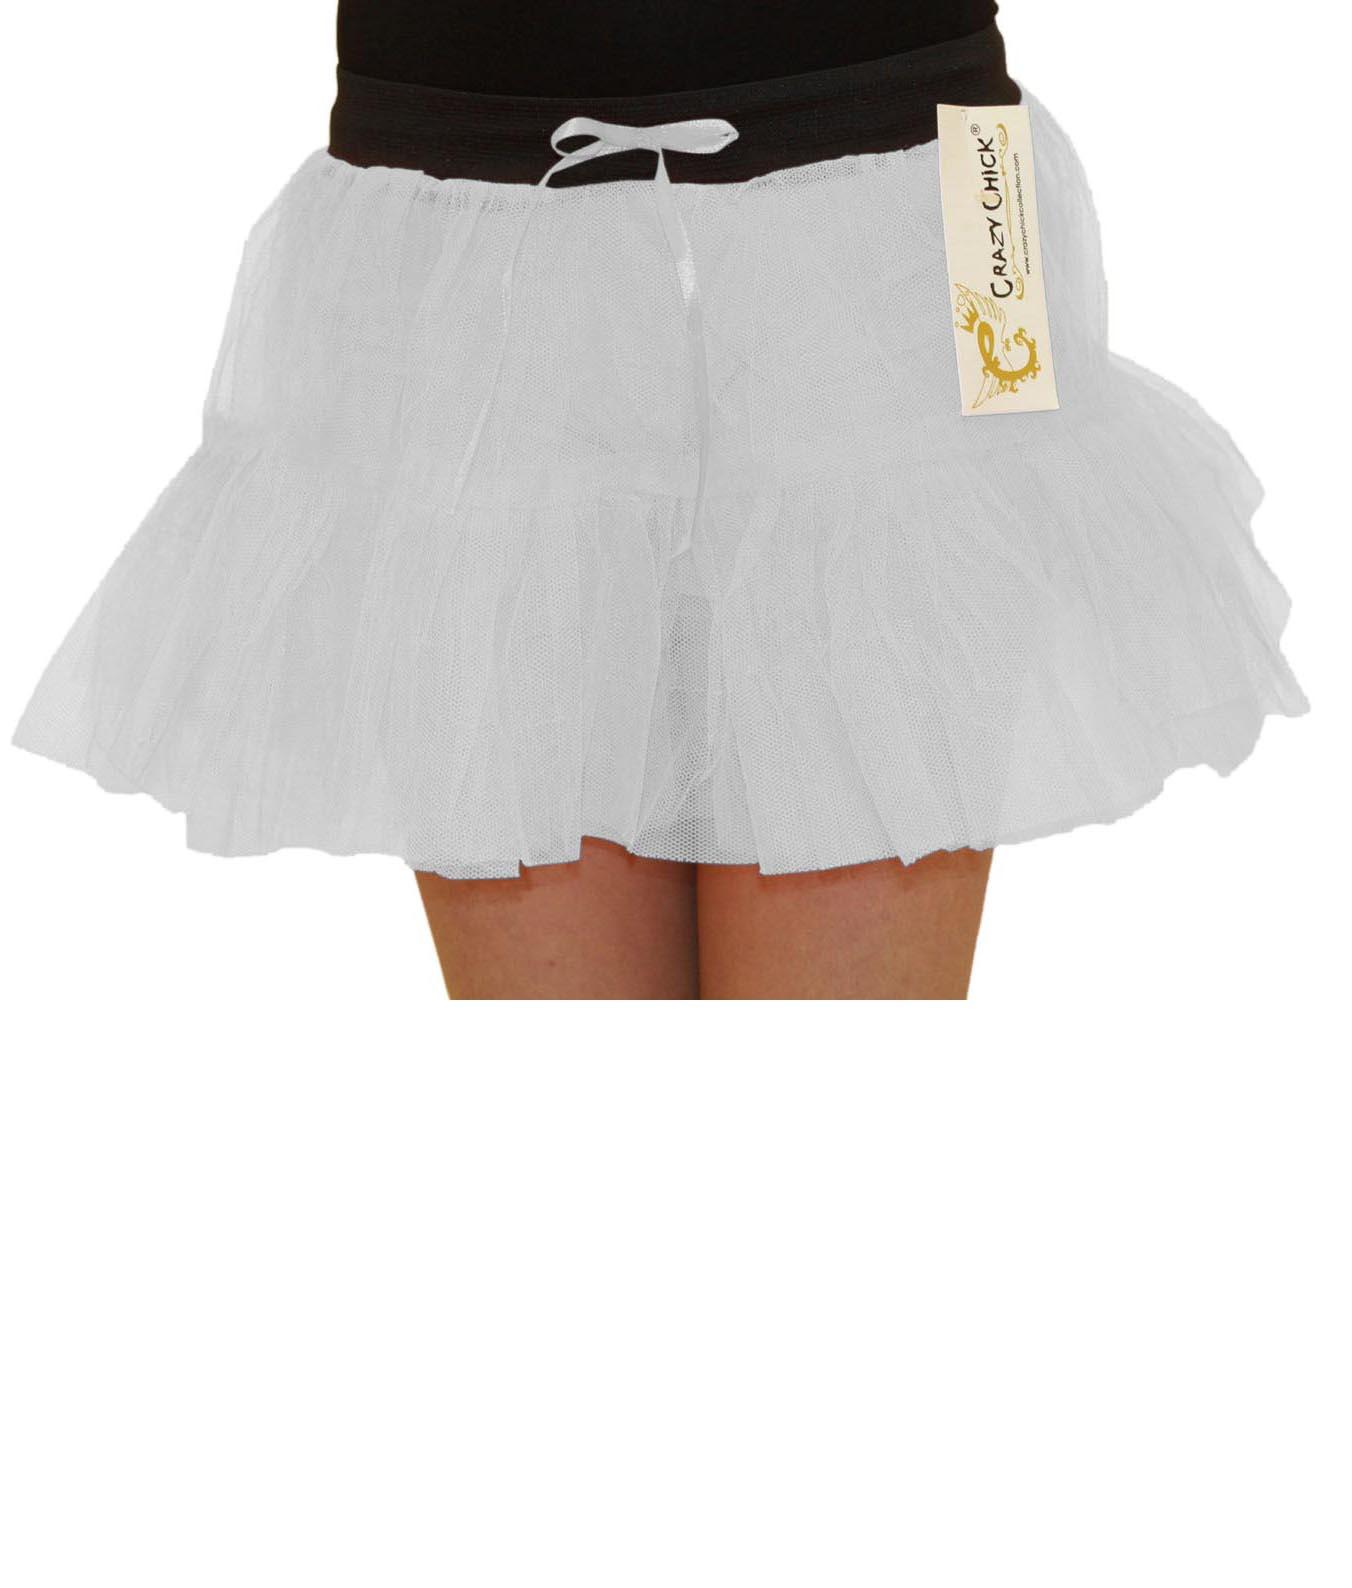 Crazy Chick Girls 2 Layers White TuTu Skirt